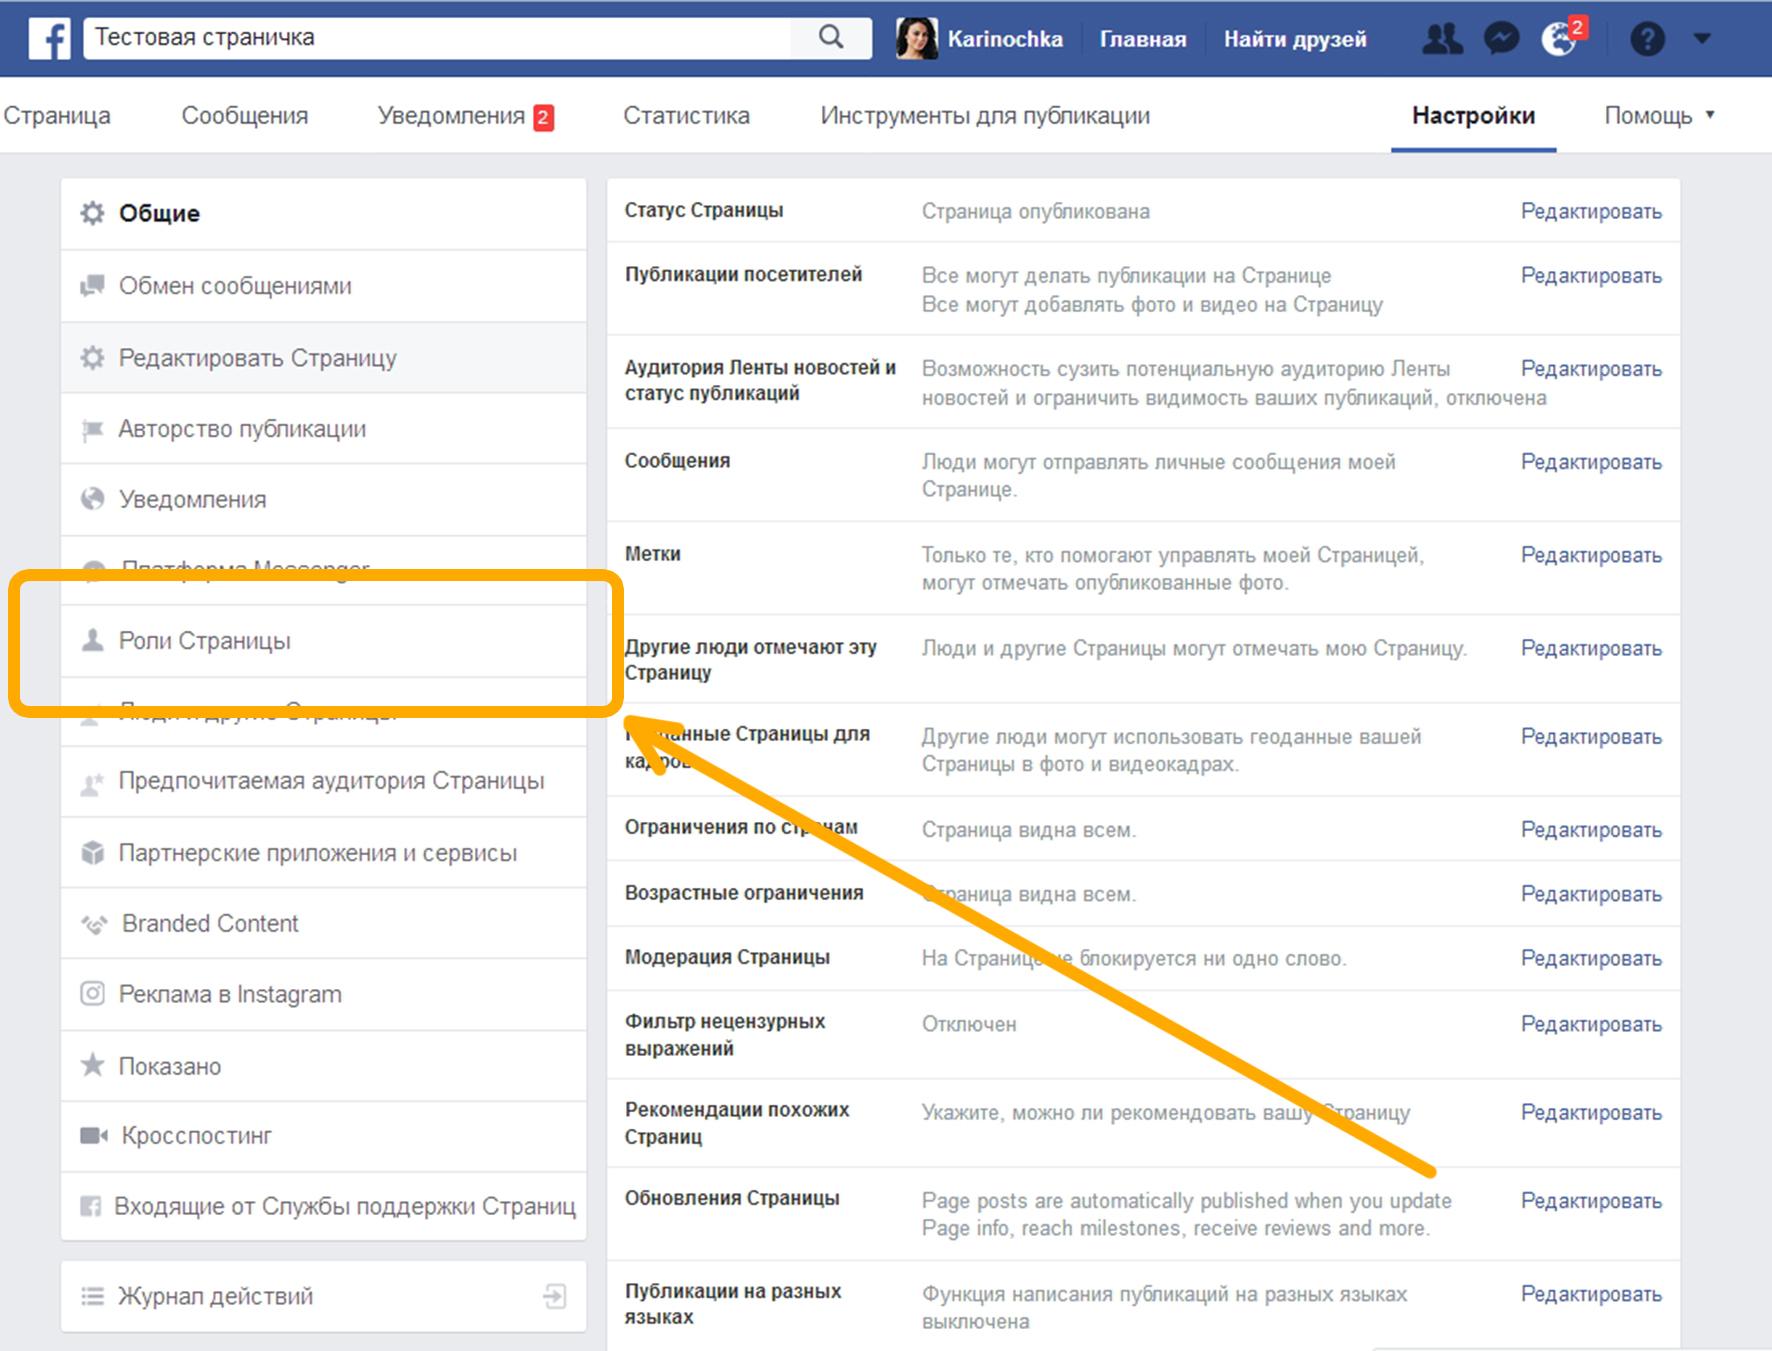 Как выглядит меню управлением сообществом и кнопка изменения ролей на странице